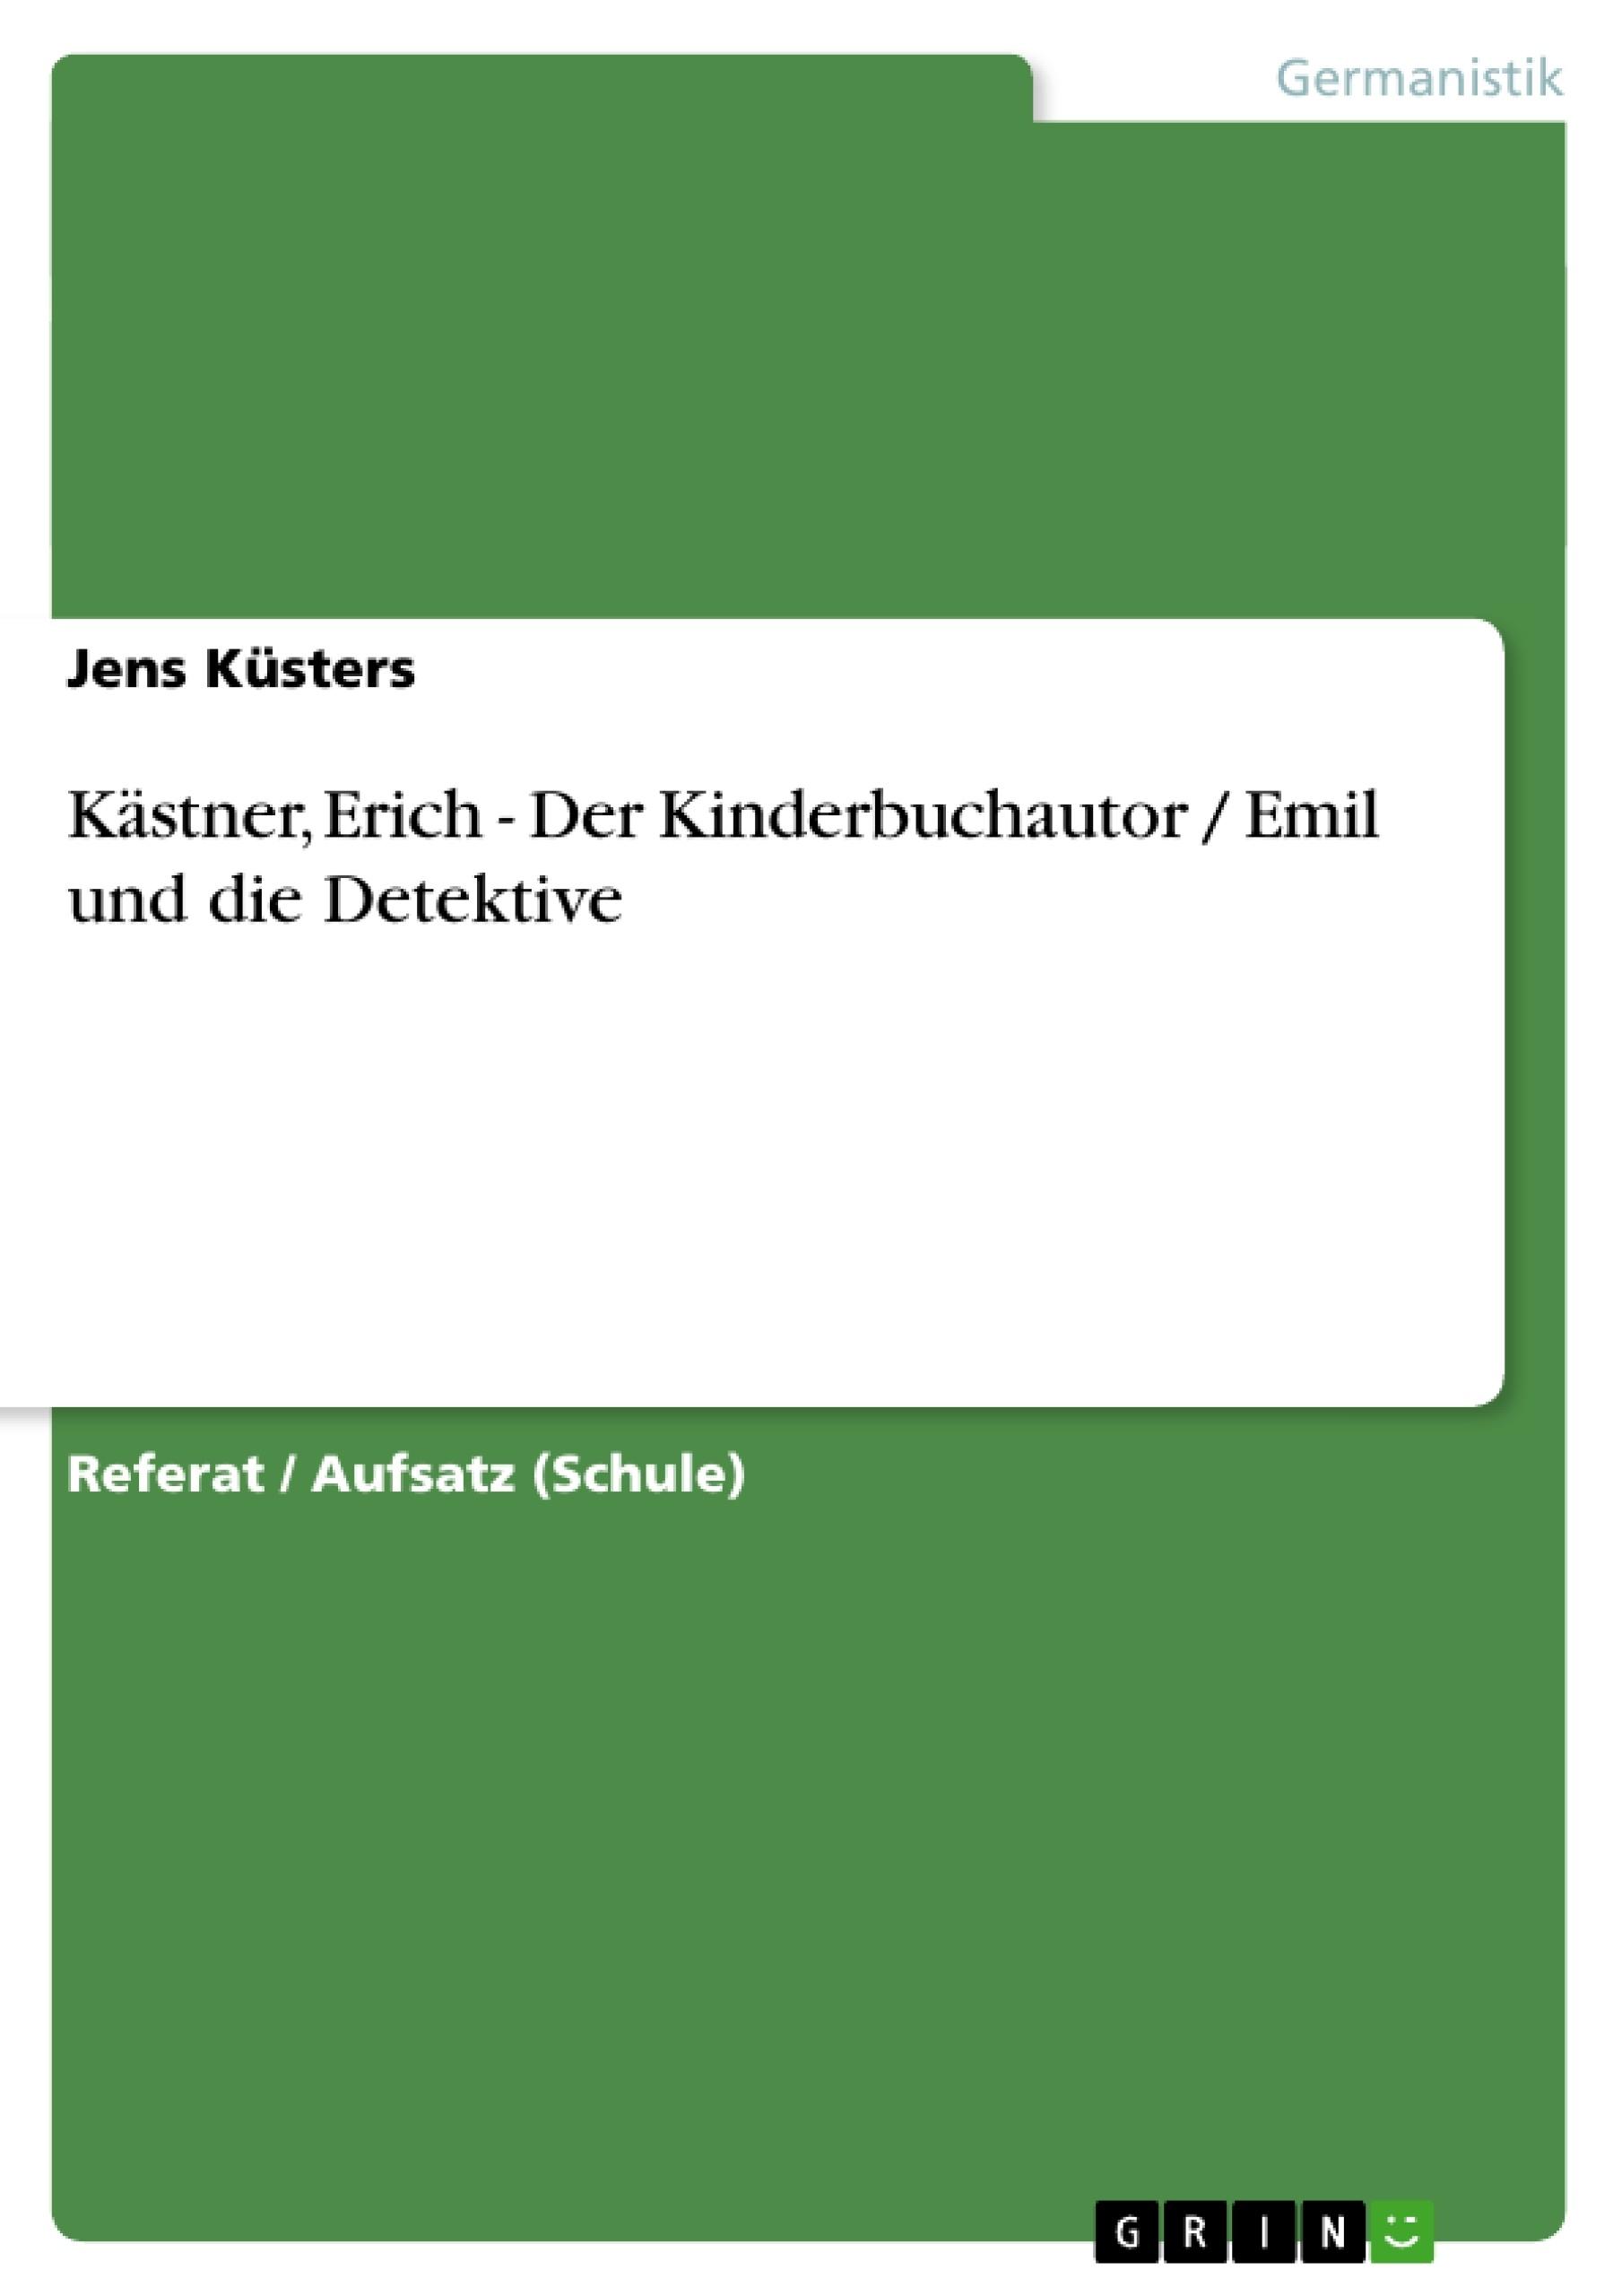 Titel: Kästner, Erich - Der Kinderbuchautor / Emil und die Detektive